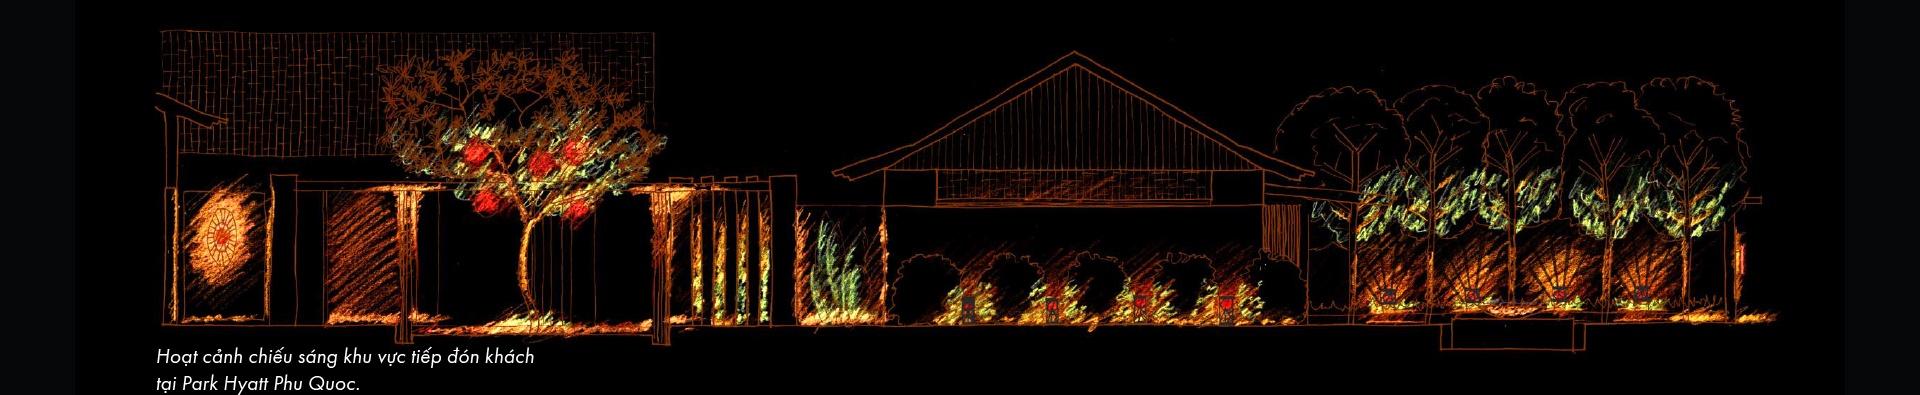 - 3_ve1_1 - 'Chưa dự án nào được thiết kế ánh sáng như Park Hyatt Phu Quoc'